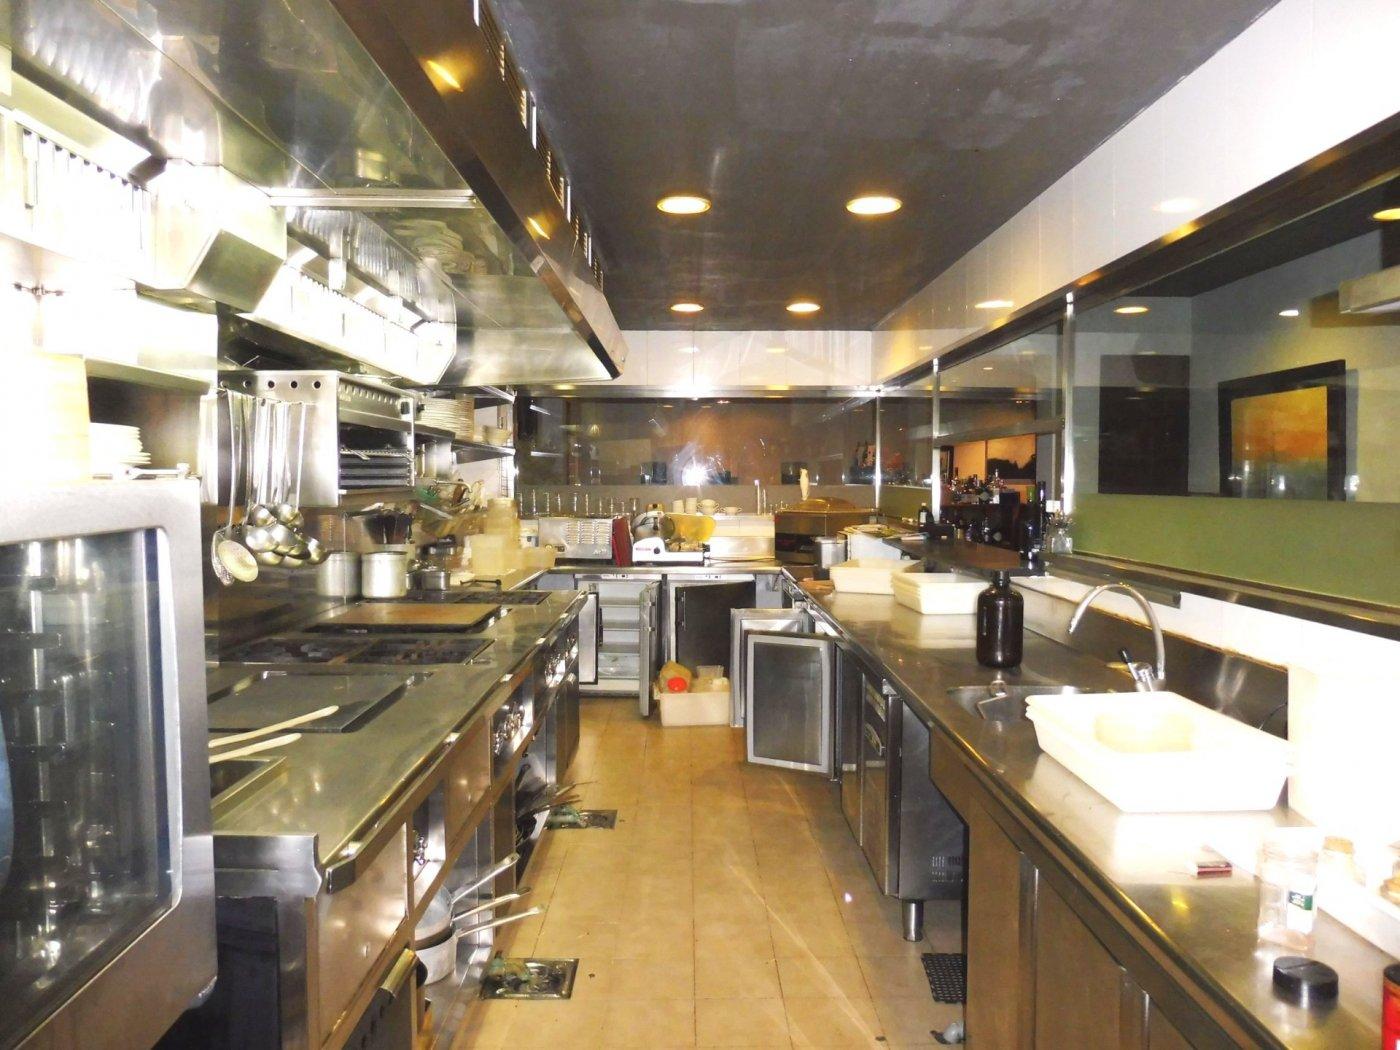 Local restaurante totalmente instalado en posada. - imagenInmueble4